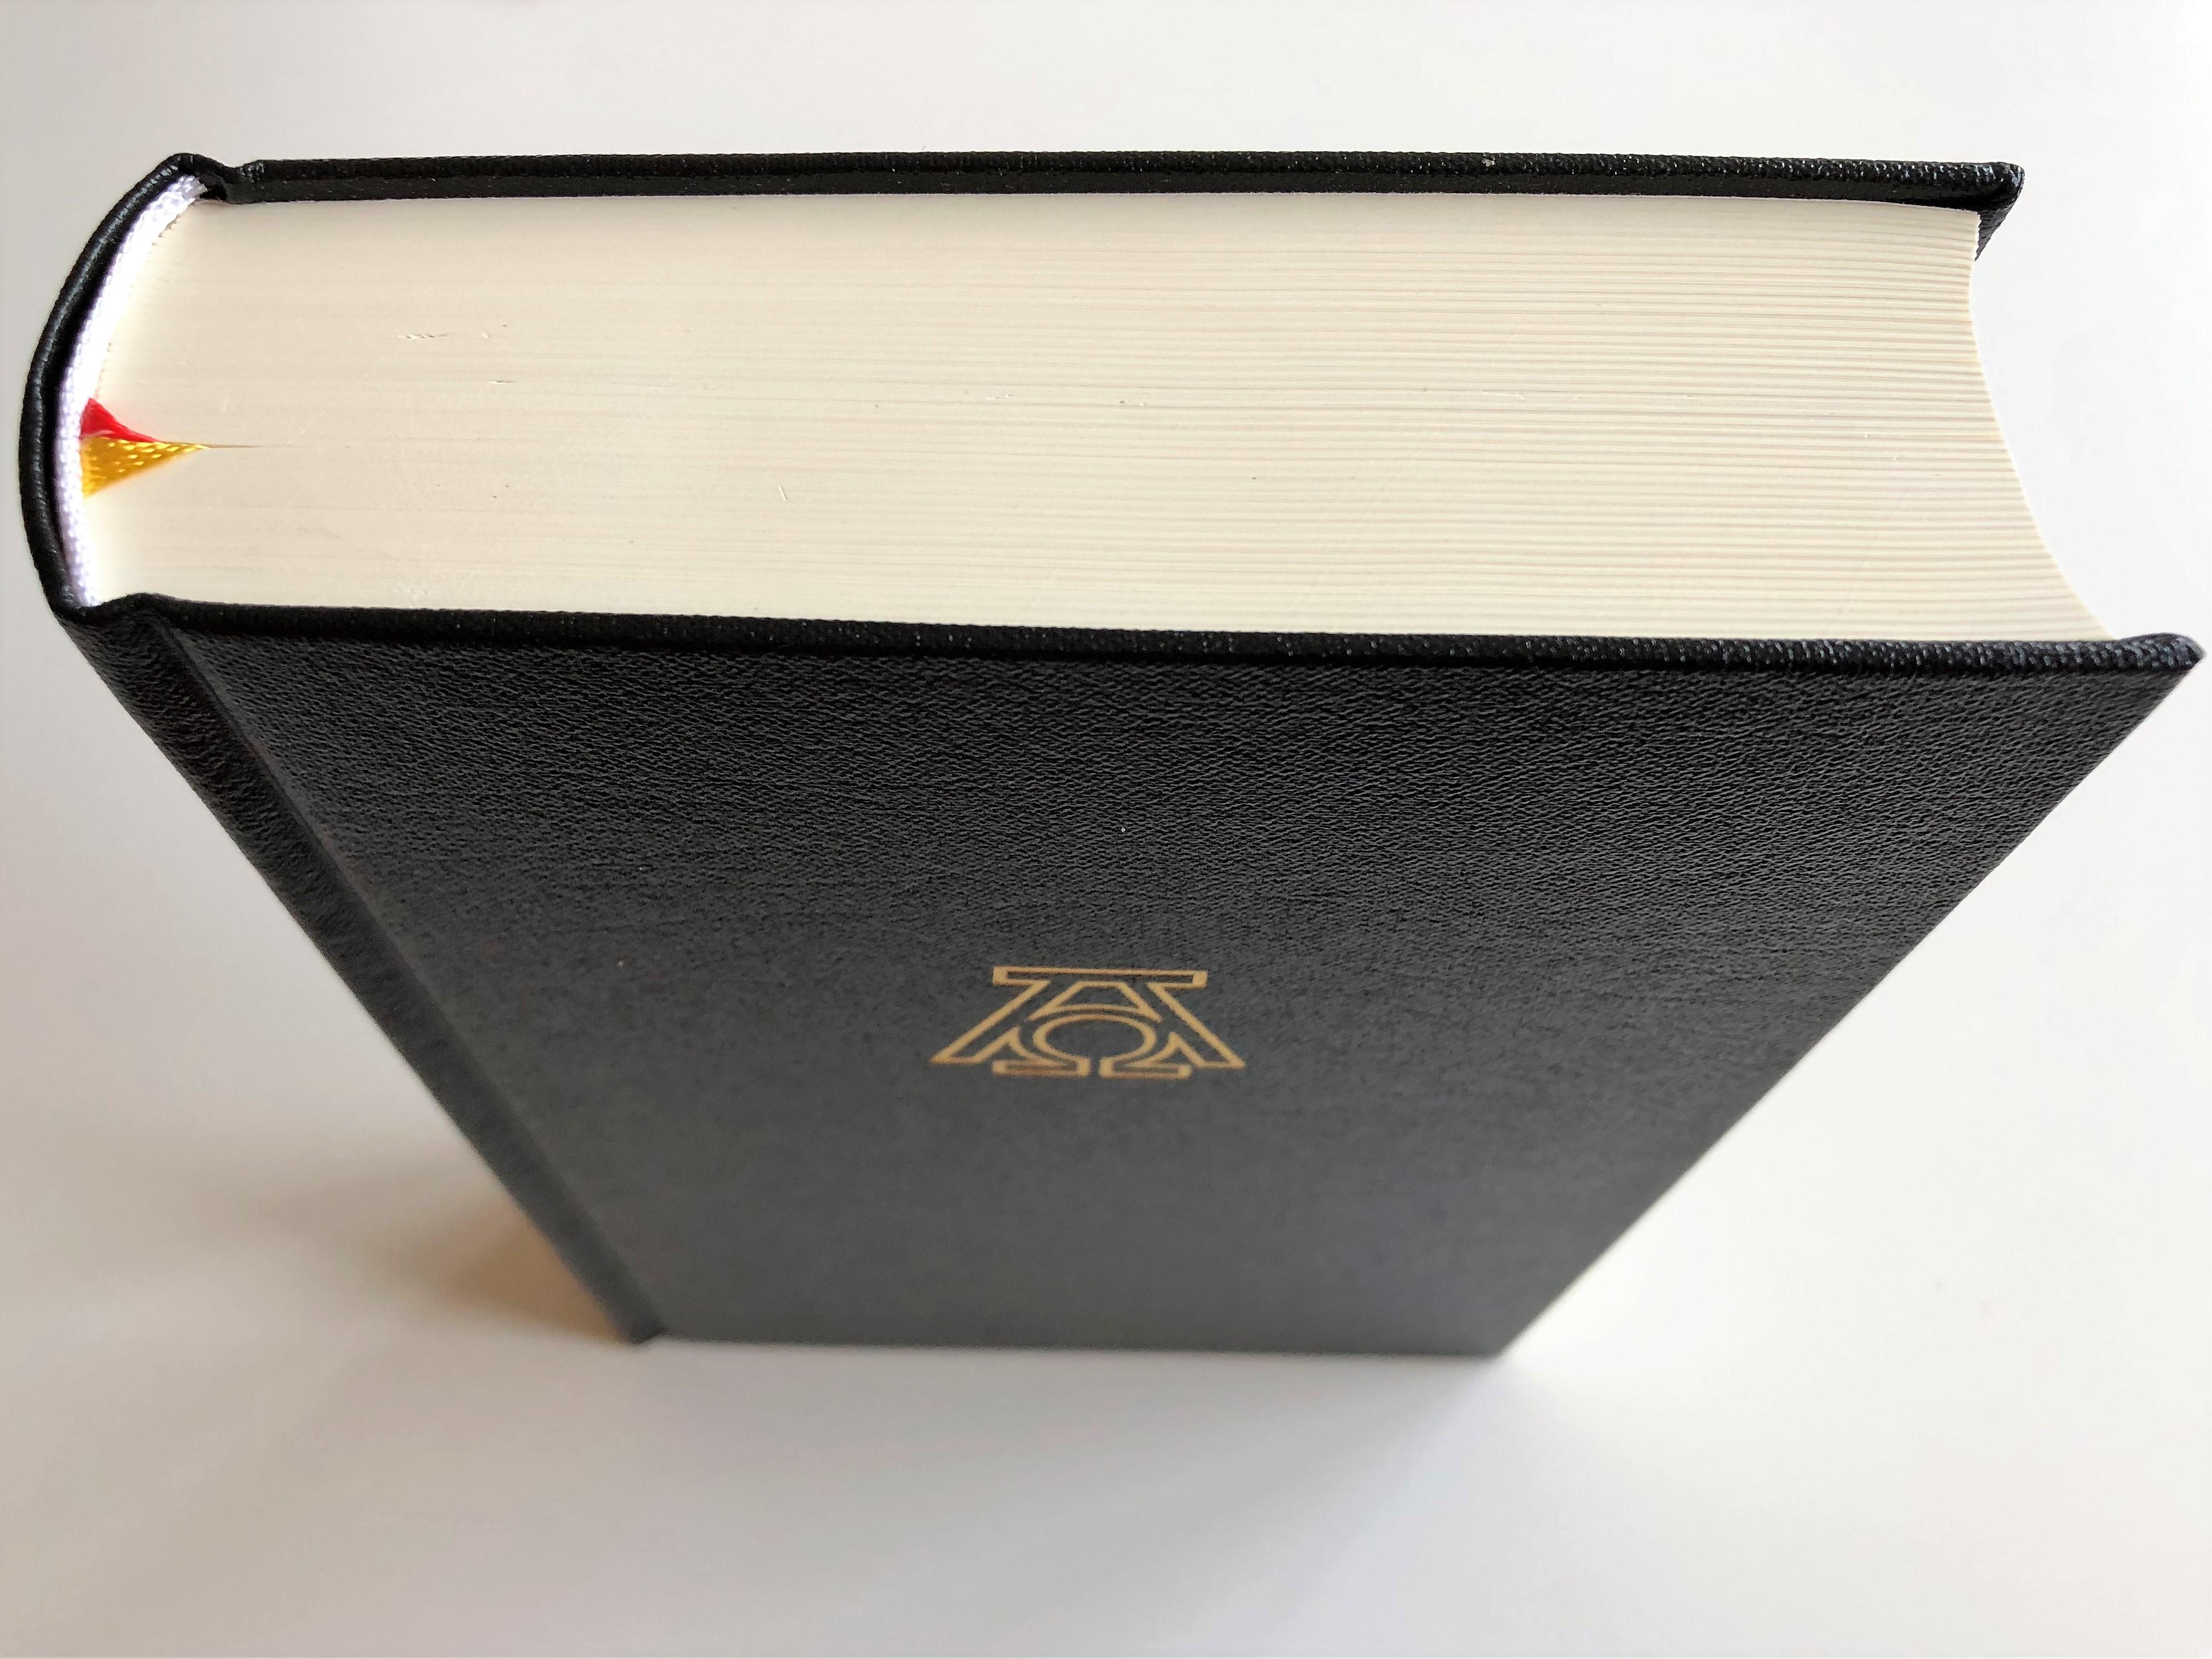 german-bible-die-bibel-die-heilige-schrift-ausgabe-von-1545-24-.jpg